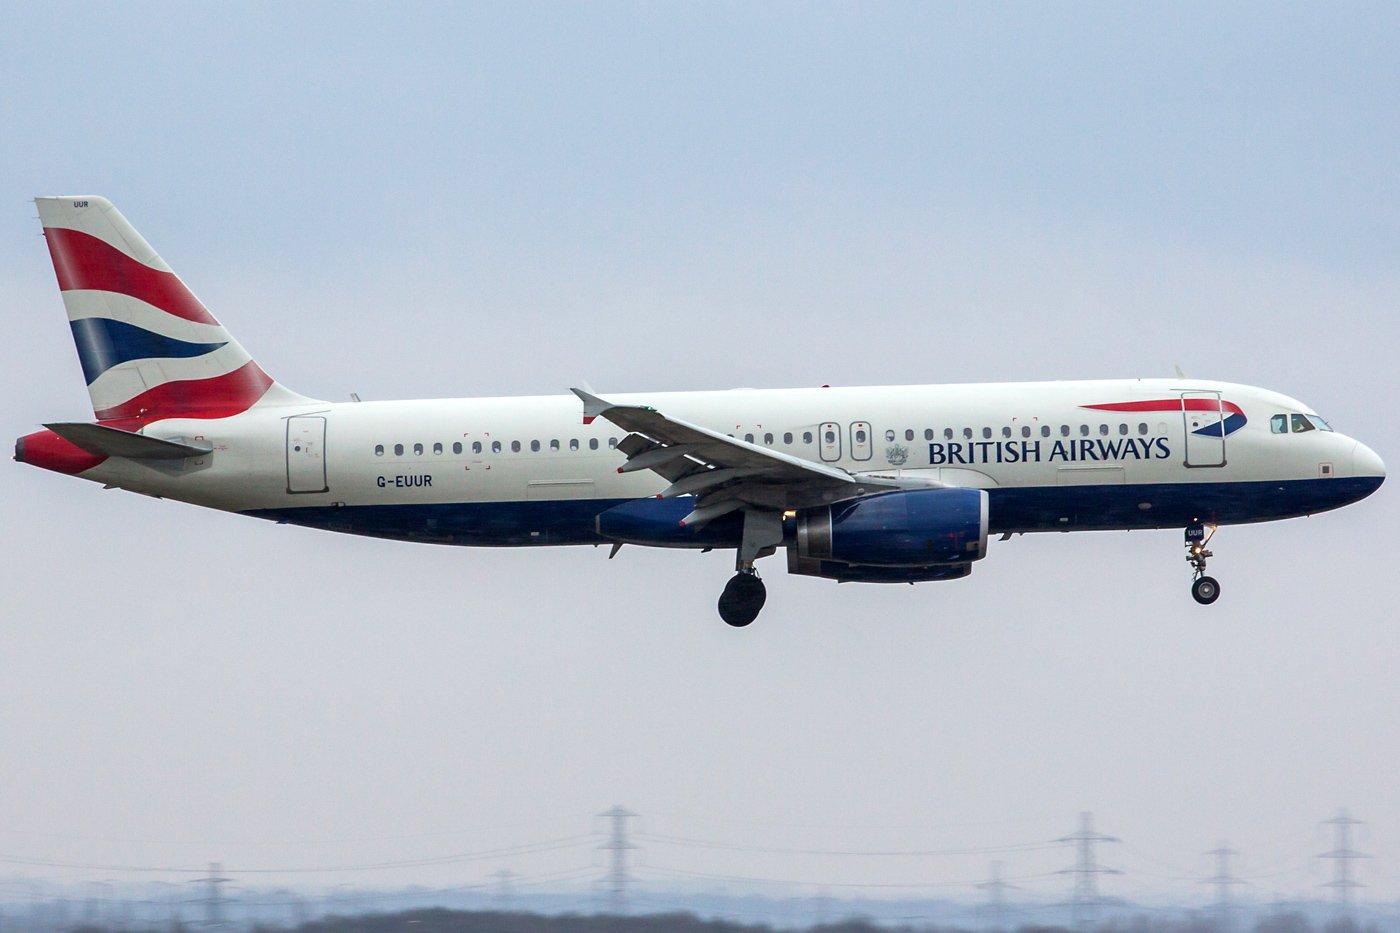 British Airways Airbus A320-232 G-EUUR